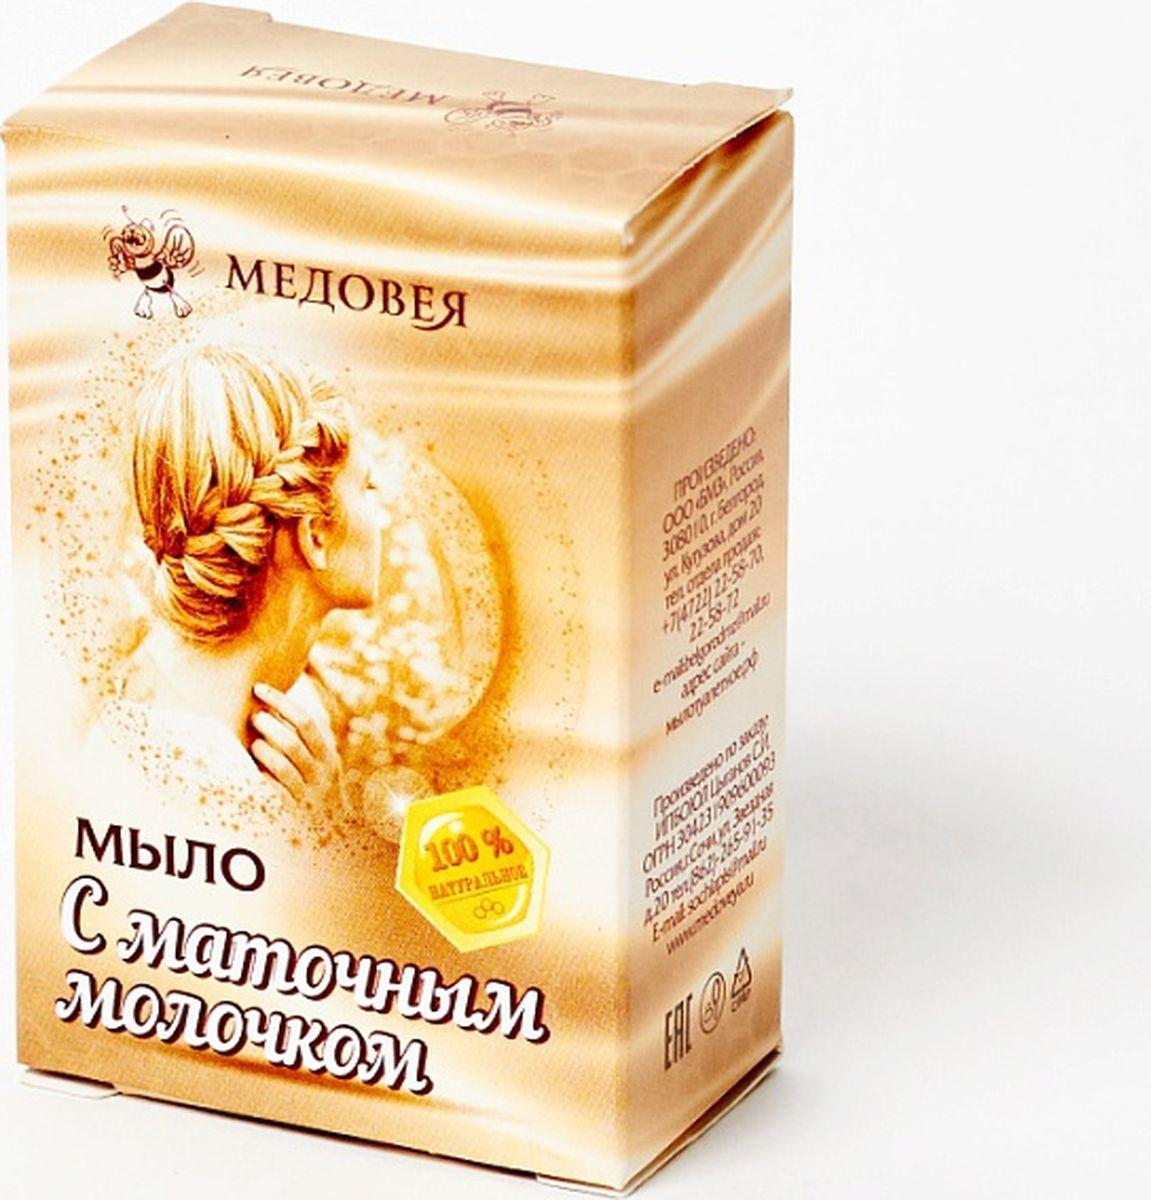 Медовея Мыло с Маточным молочком, 80 млFS-00897Мыло с маточным молочком интенсивно очищает поры, увлажняет и одновременно питает кожу. Актуальность природного ингредиента заключается в результативности и оптимальной цене. Полезность маточного молочка обусловлена богатством витаминной комбинации. В комплекс микроэлементов входят белки, соли минеральные, углеводы, ретинол, холекальцефирол, аминокислоты, группа витаминов В и С, Е, Н, РР. Нельзя не выделить наличие прогестерона, тестостерона, которые в косметологии действуют регенерирующим свойством на дерму. Мыло с маточным молочком насыщает кожу максимальным витаминным питанием.